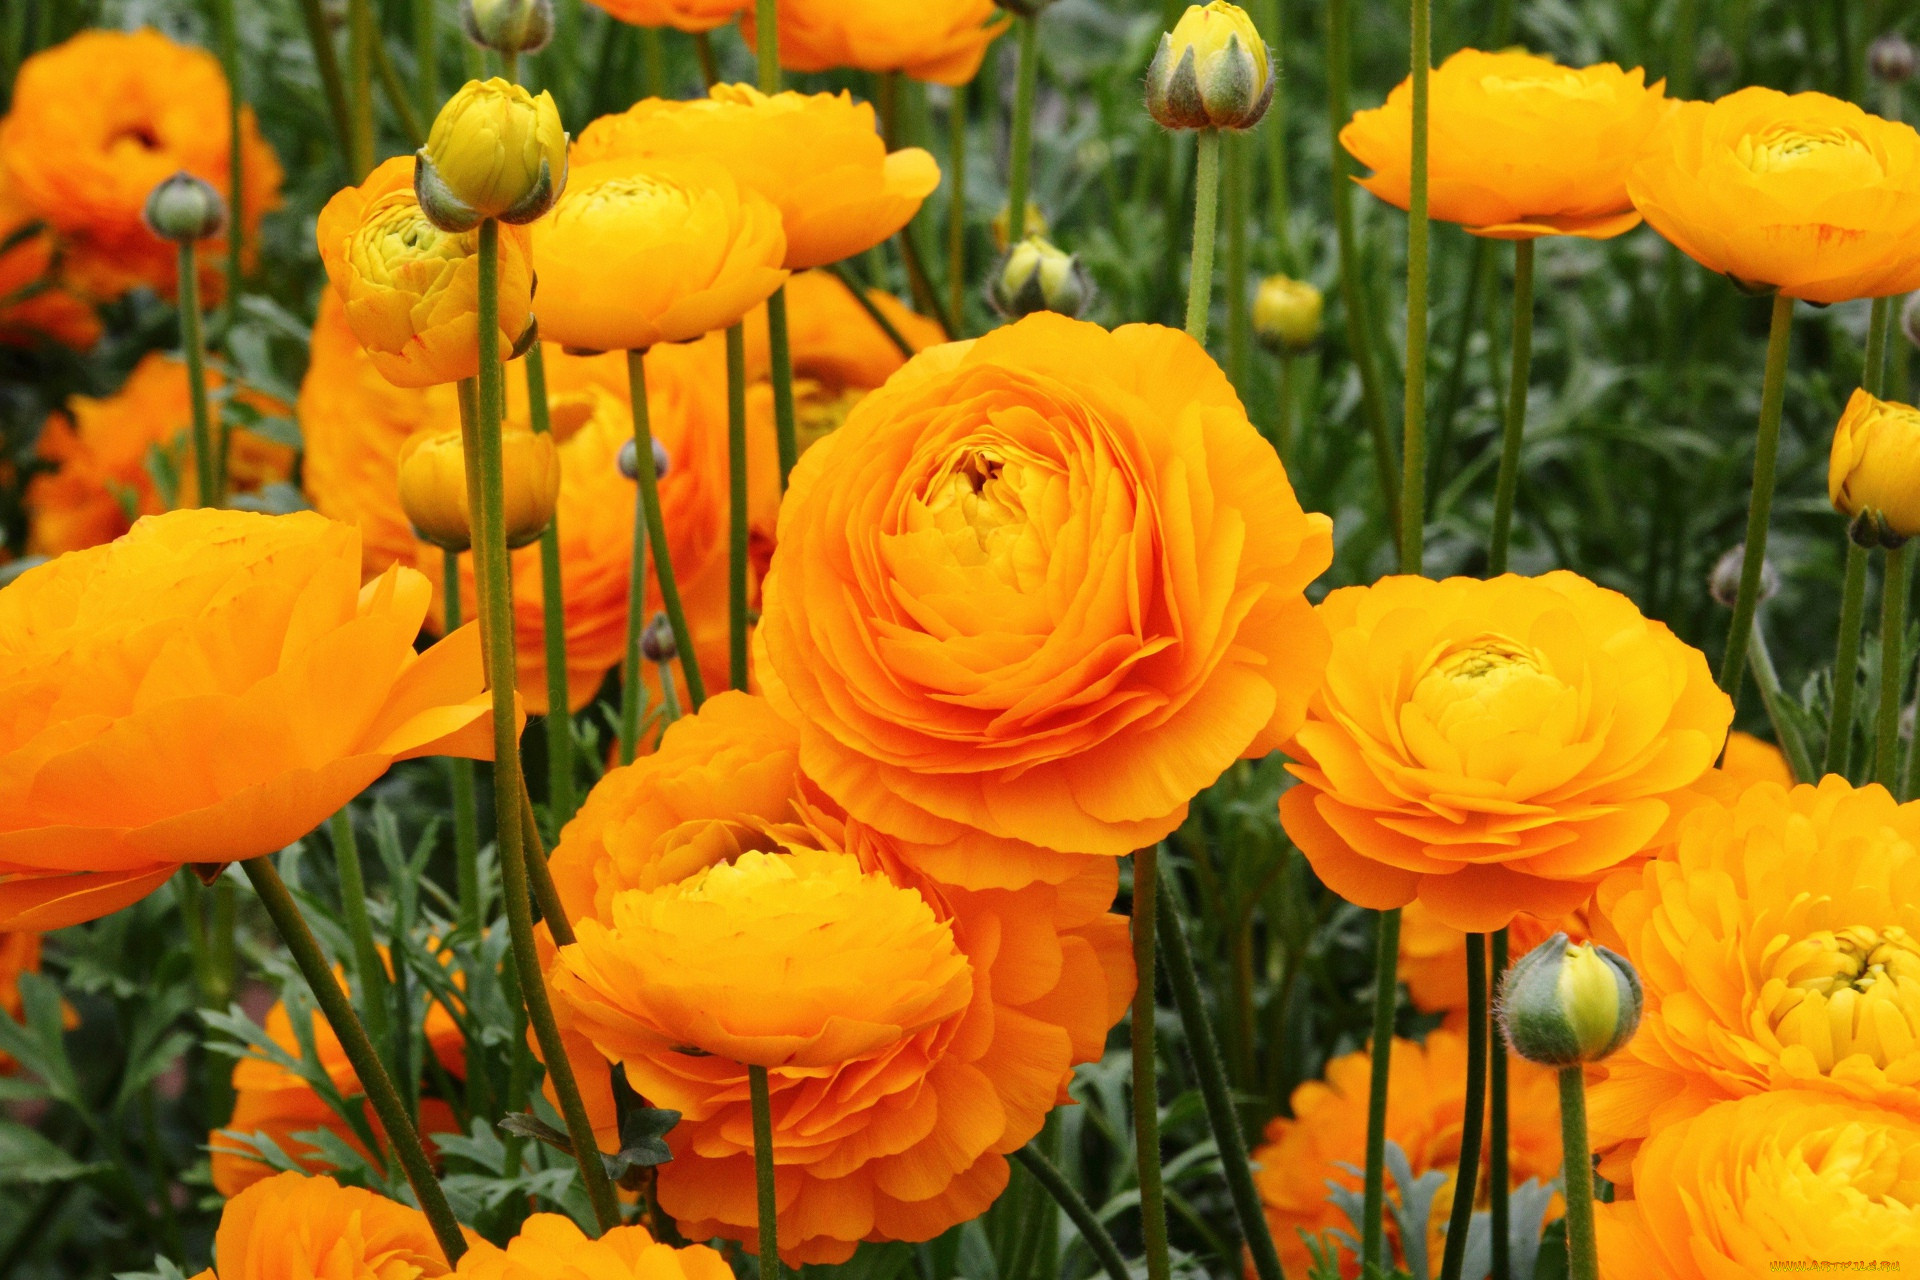 момозоно фотографии цветов лютиков контур